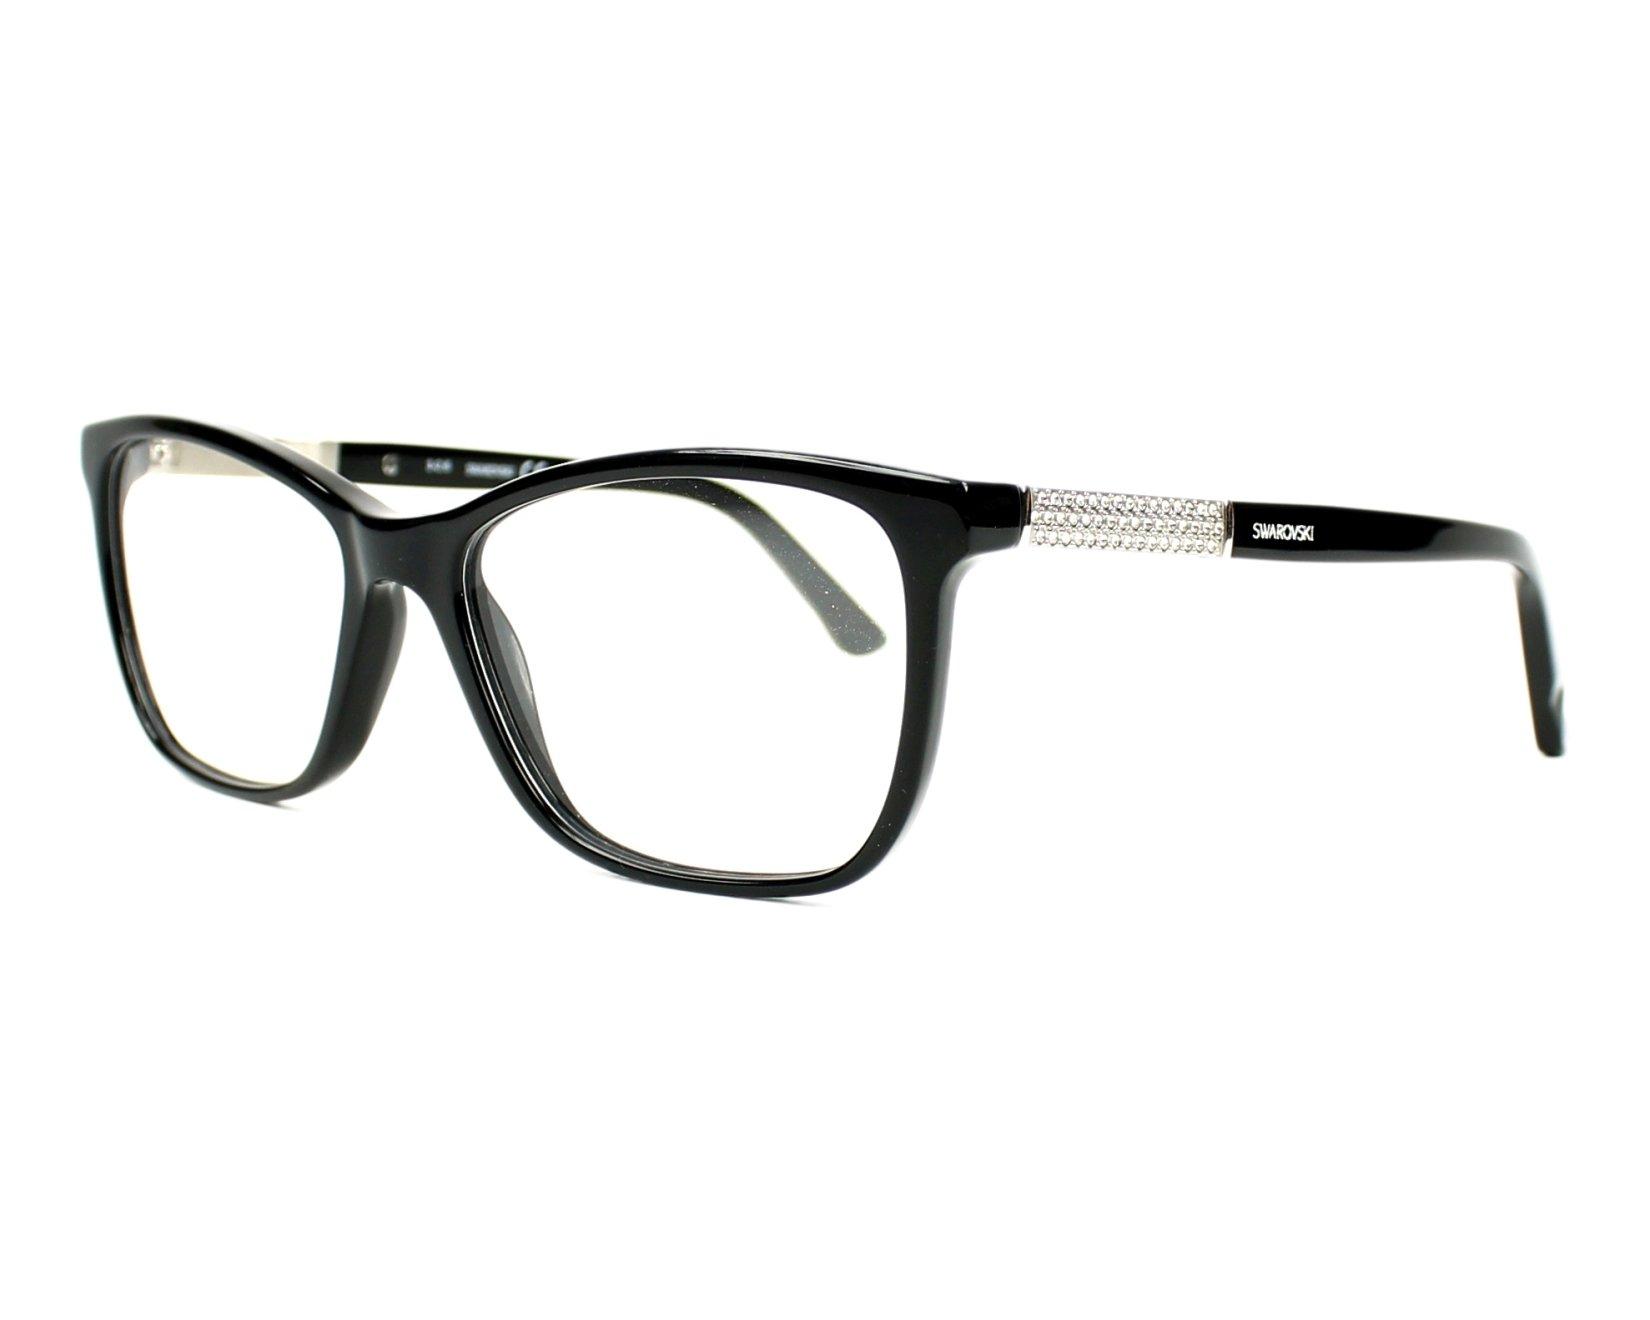 kaufen sie ihre swarovski brille sw 5117 001 online visionet. Black Bedroom Furniture Sets. Home Design Ideas